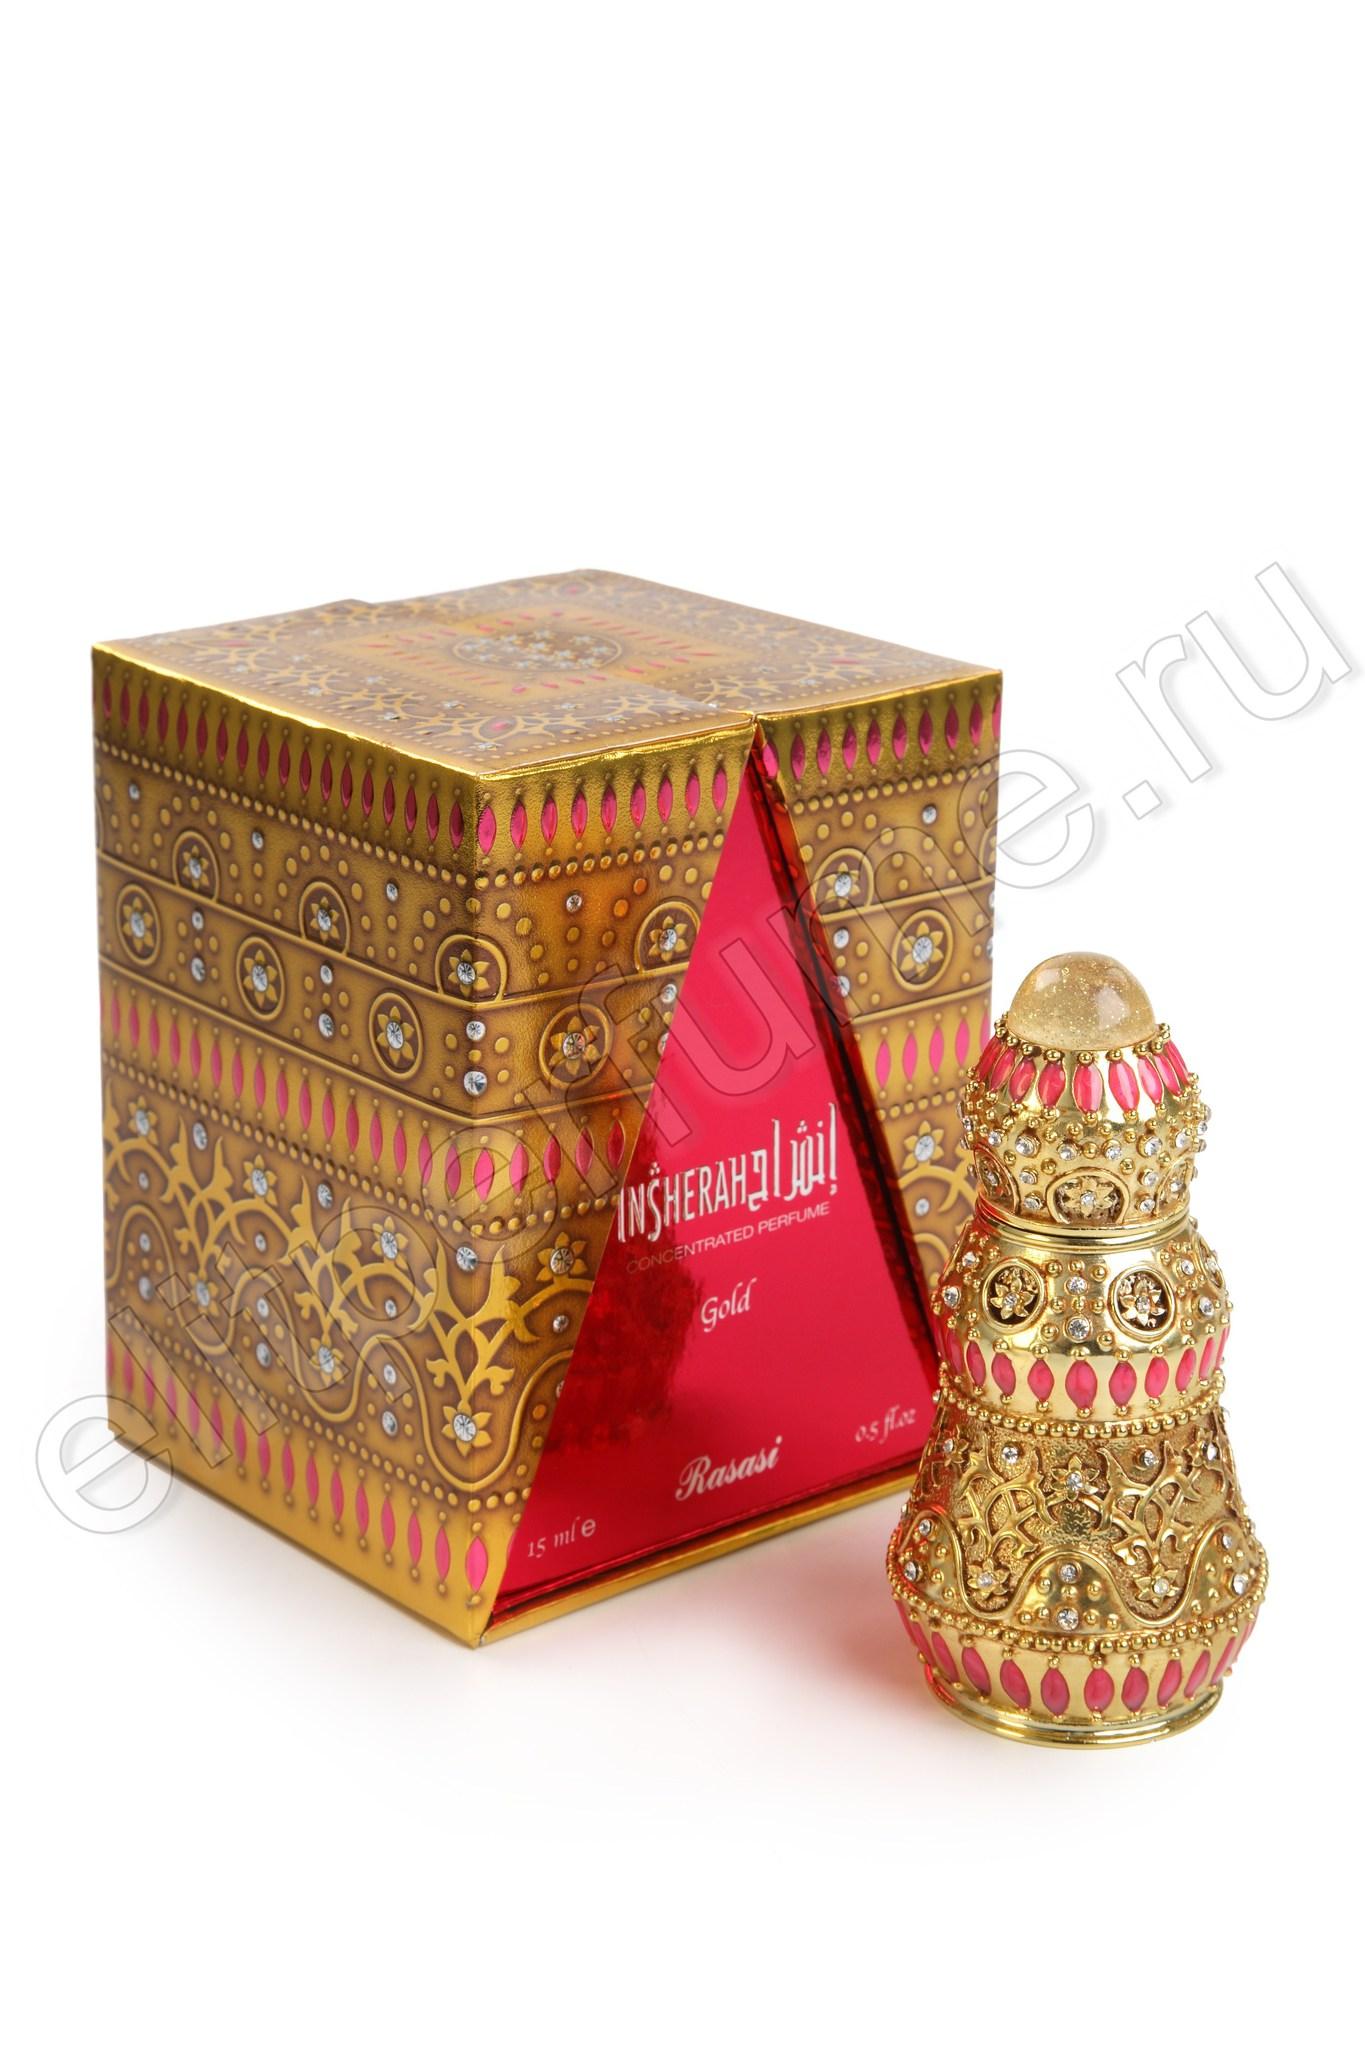 Пробники для арабских духов Иншера Золотой Insherah Gold 1 мл арабские масляные духи от Расаси Rasasi Perfumes